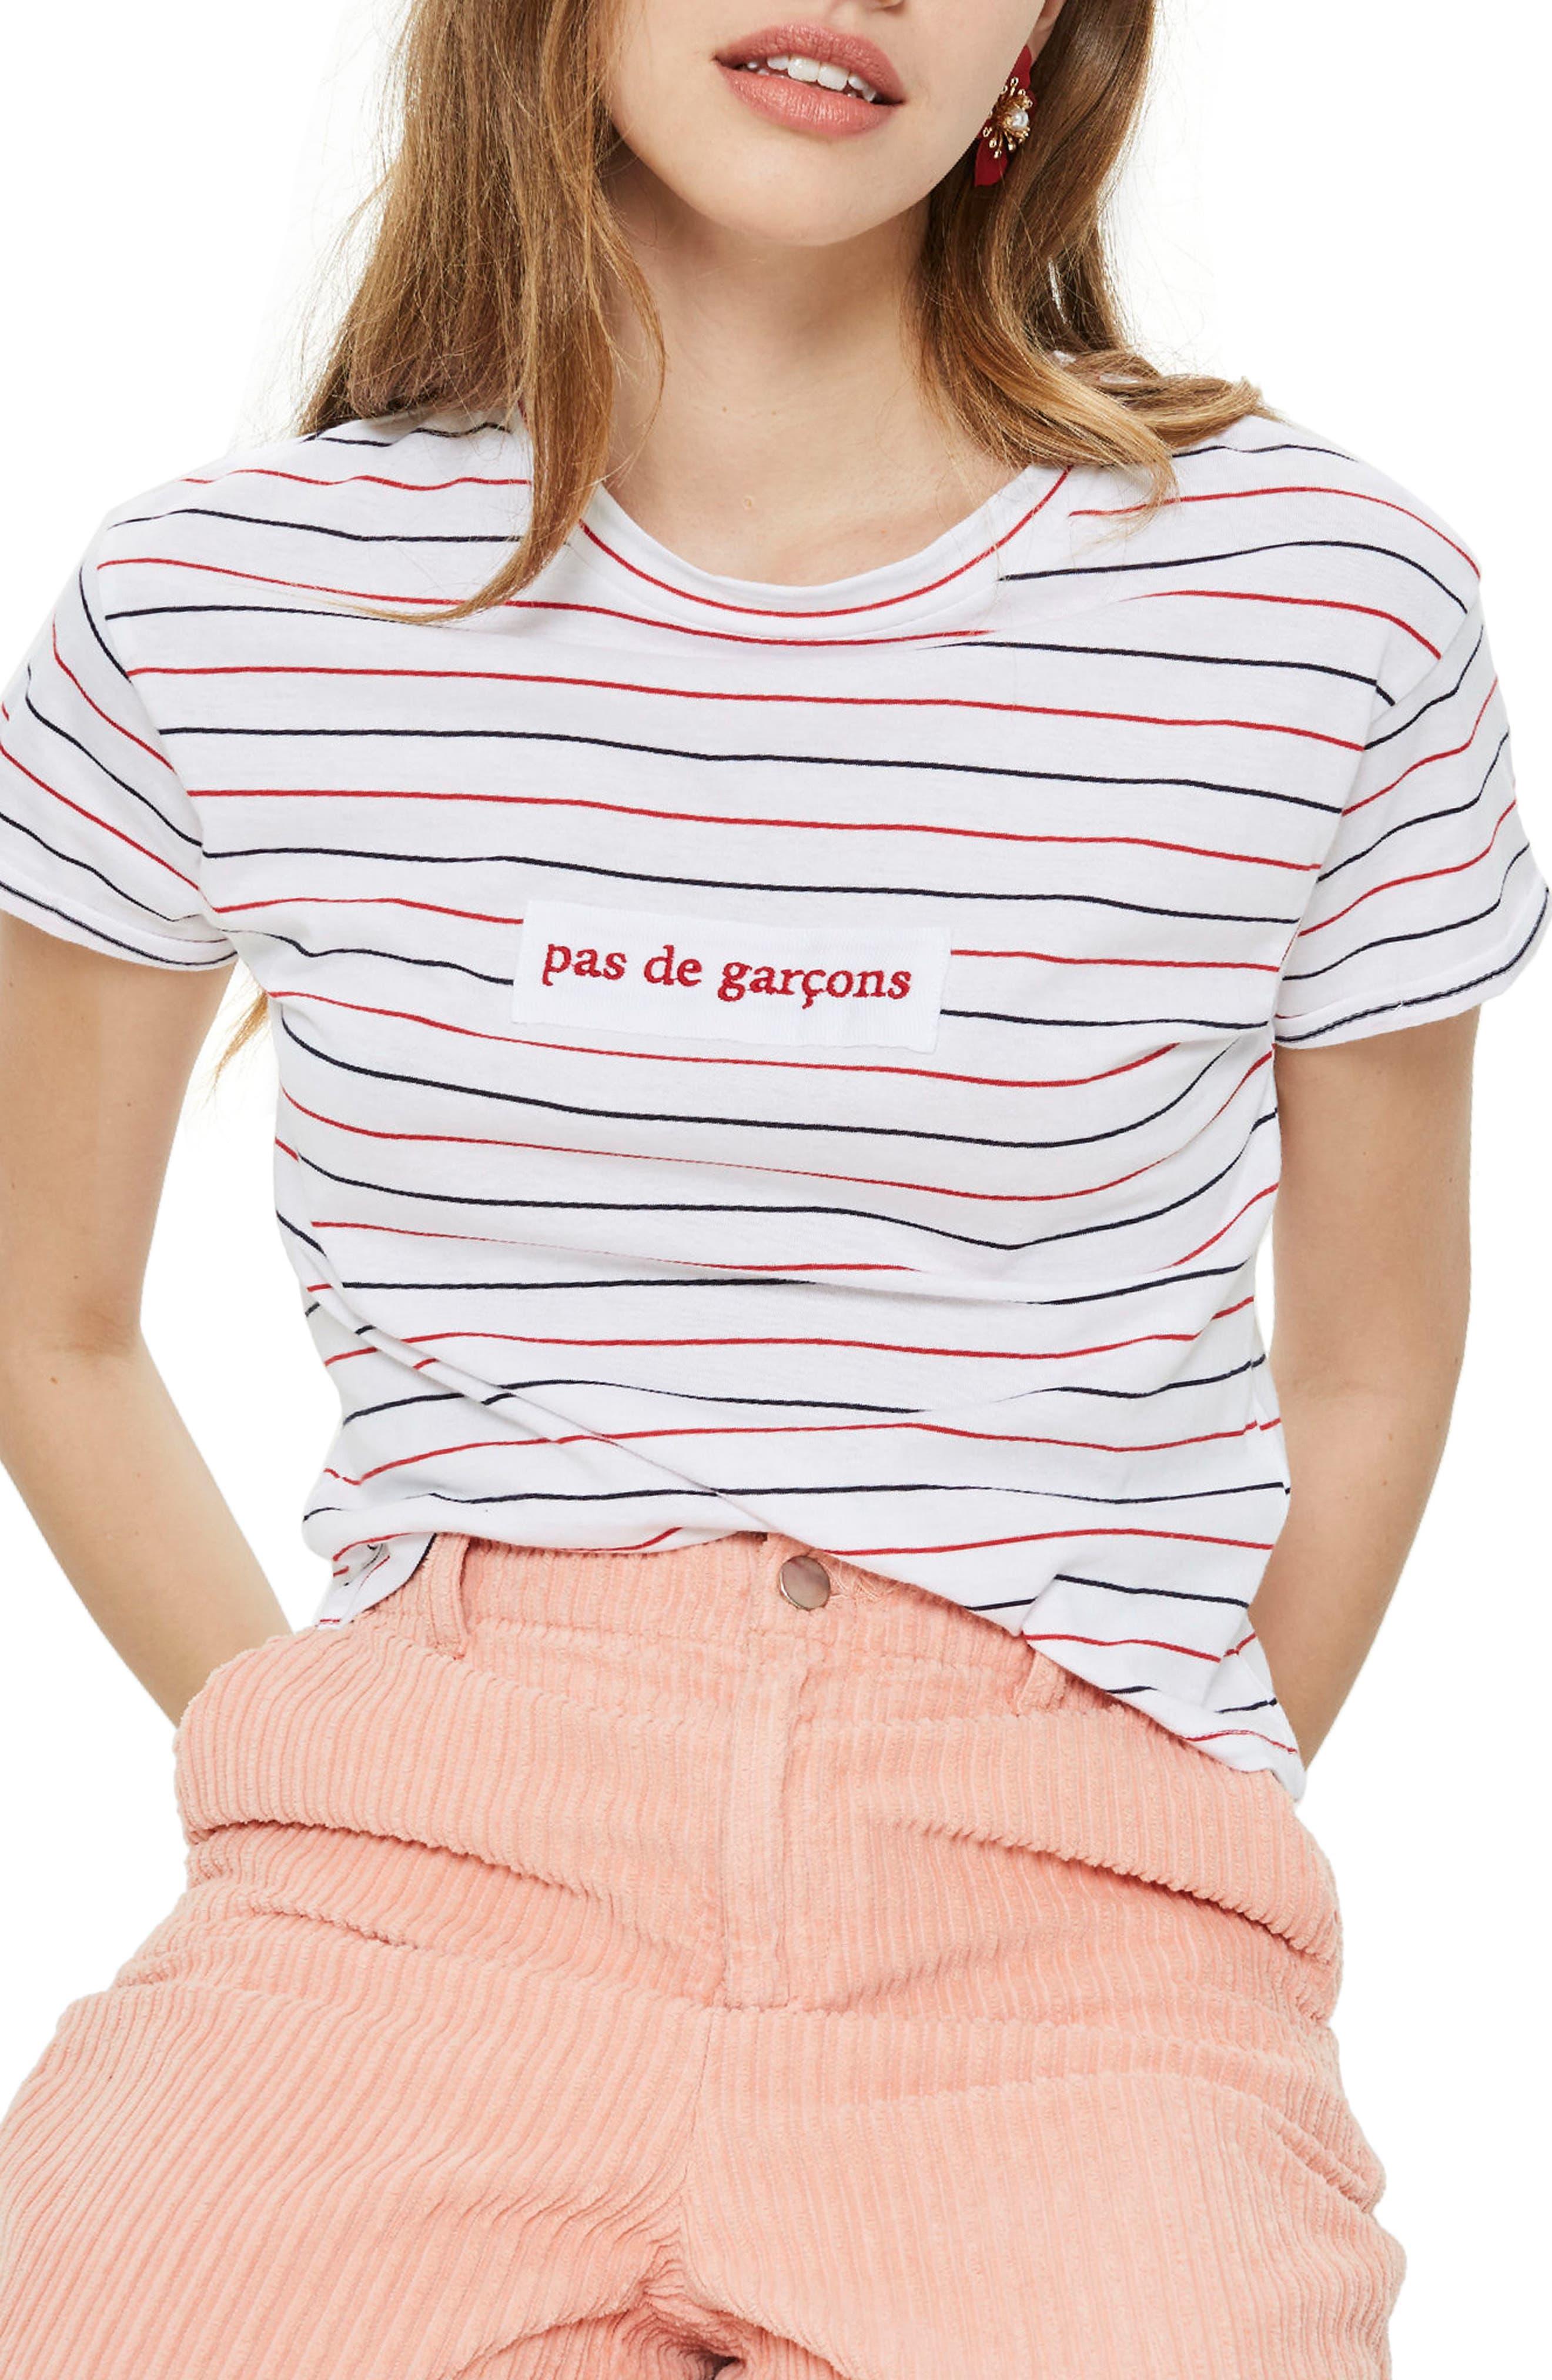 Pas De Garcons Stripe T-Shirt,                             Main thumbnail 1, color,                             100